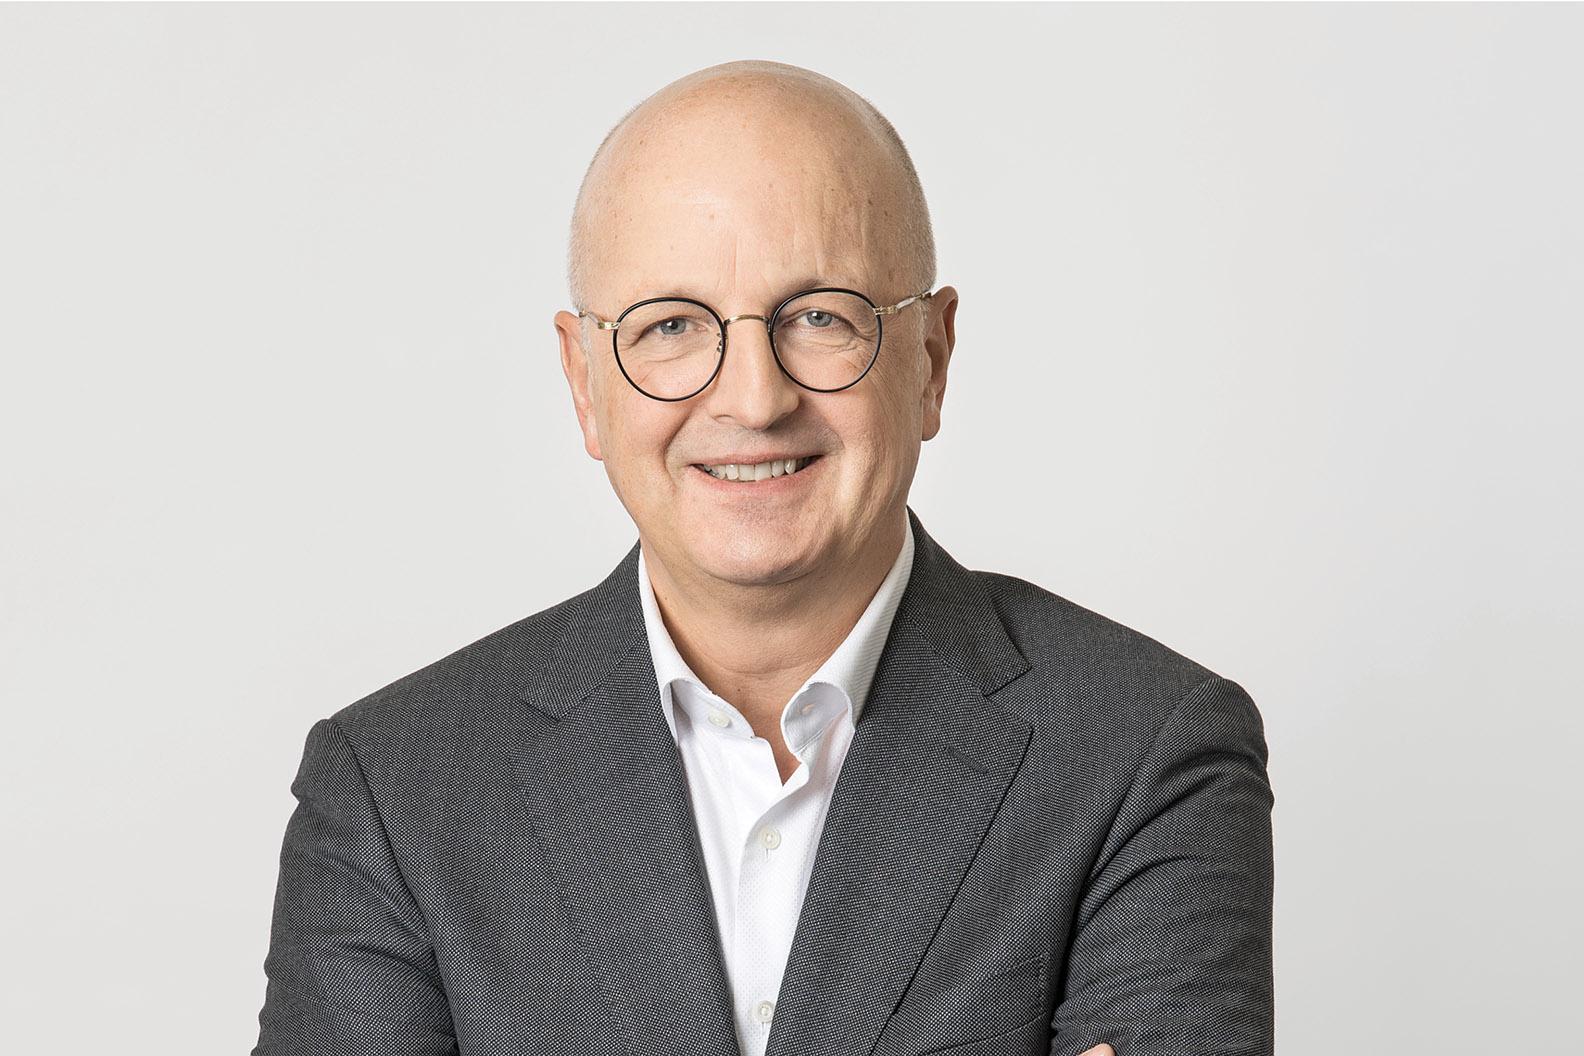 Rolf Schwirz, CEO of Friwo